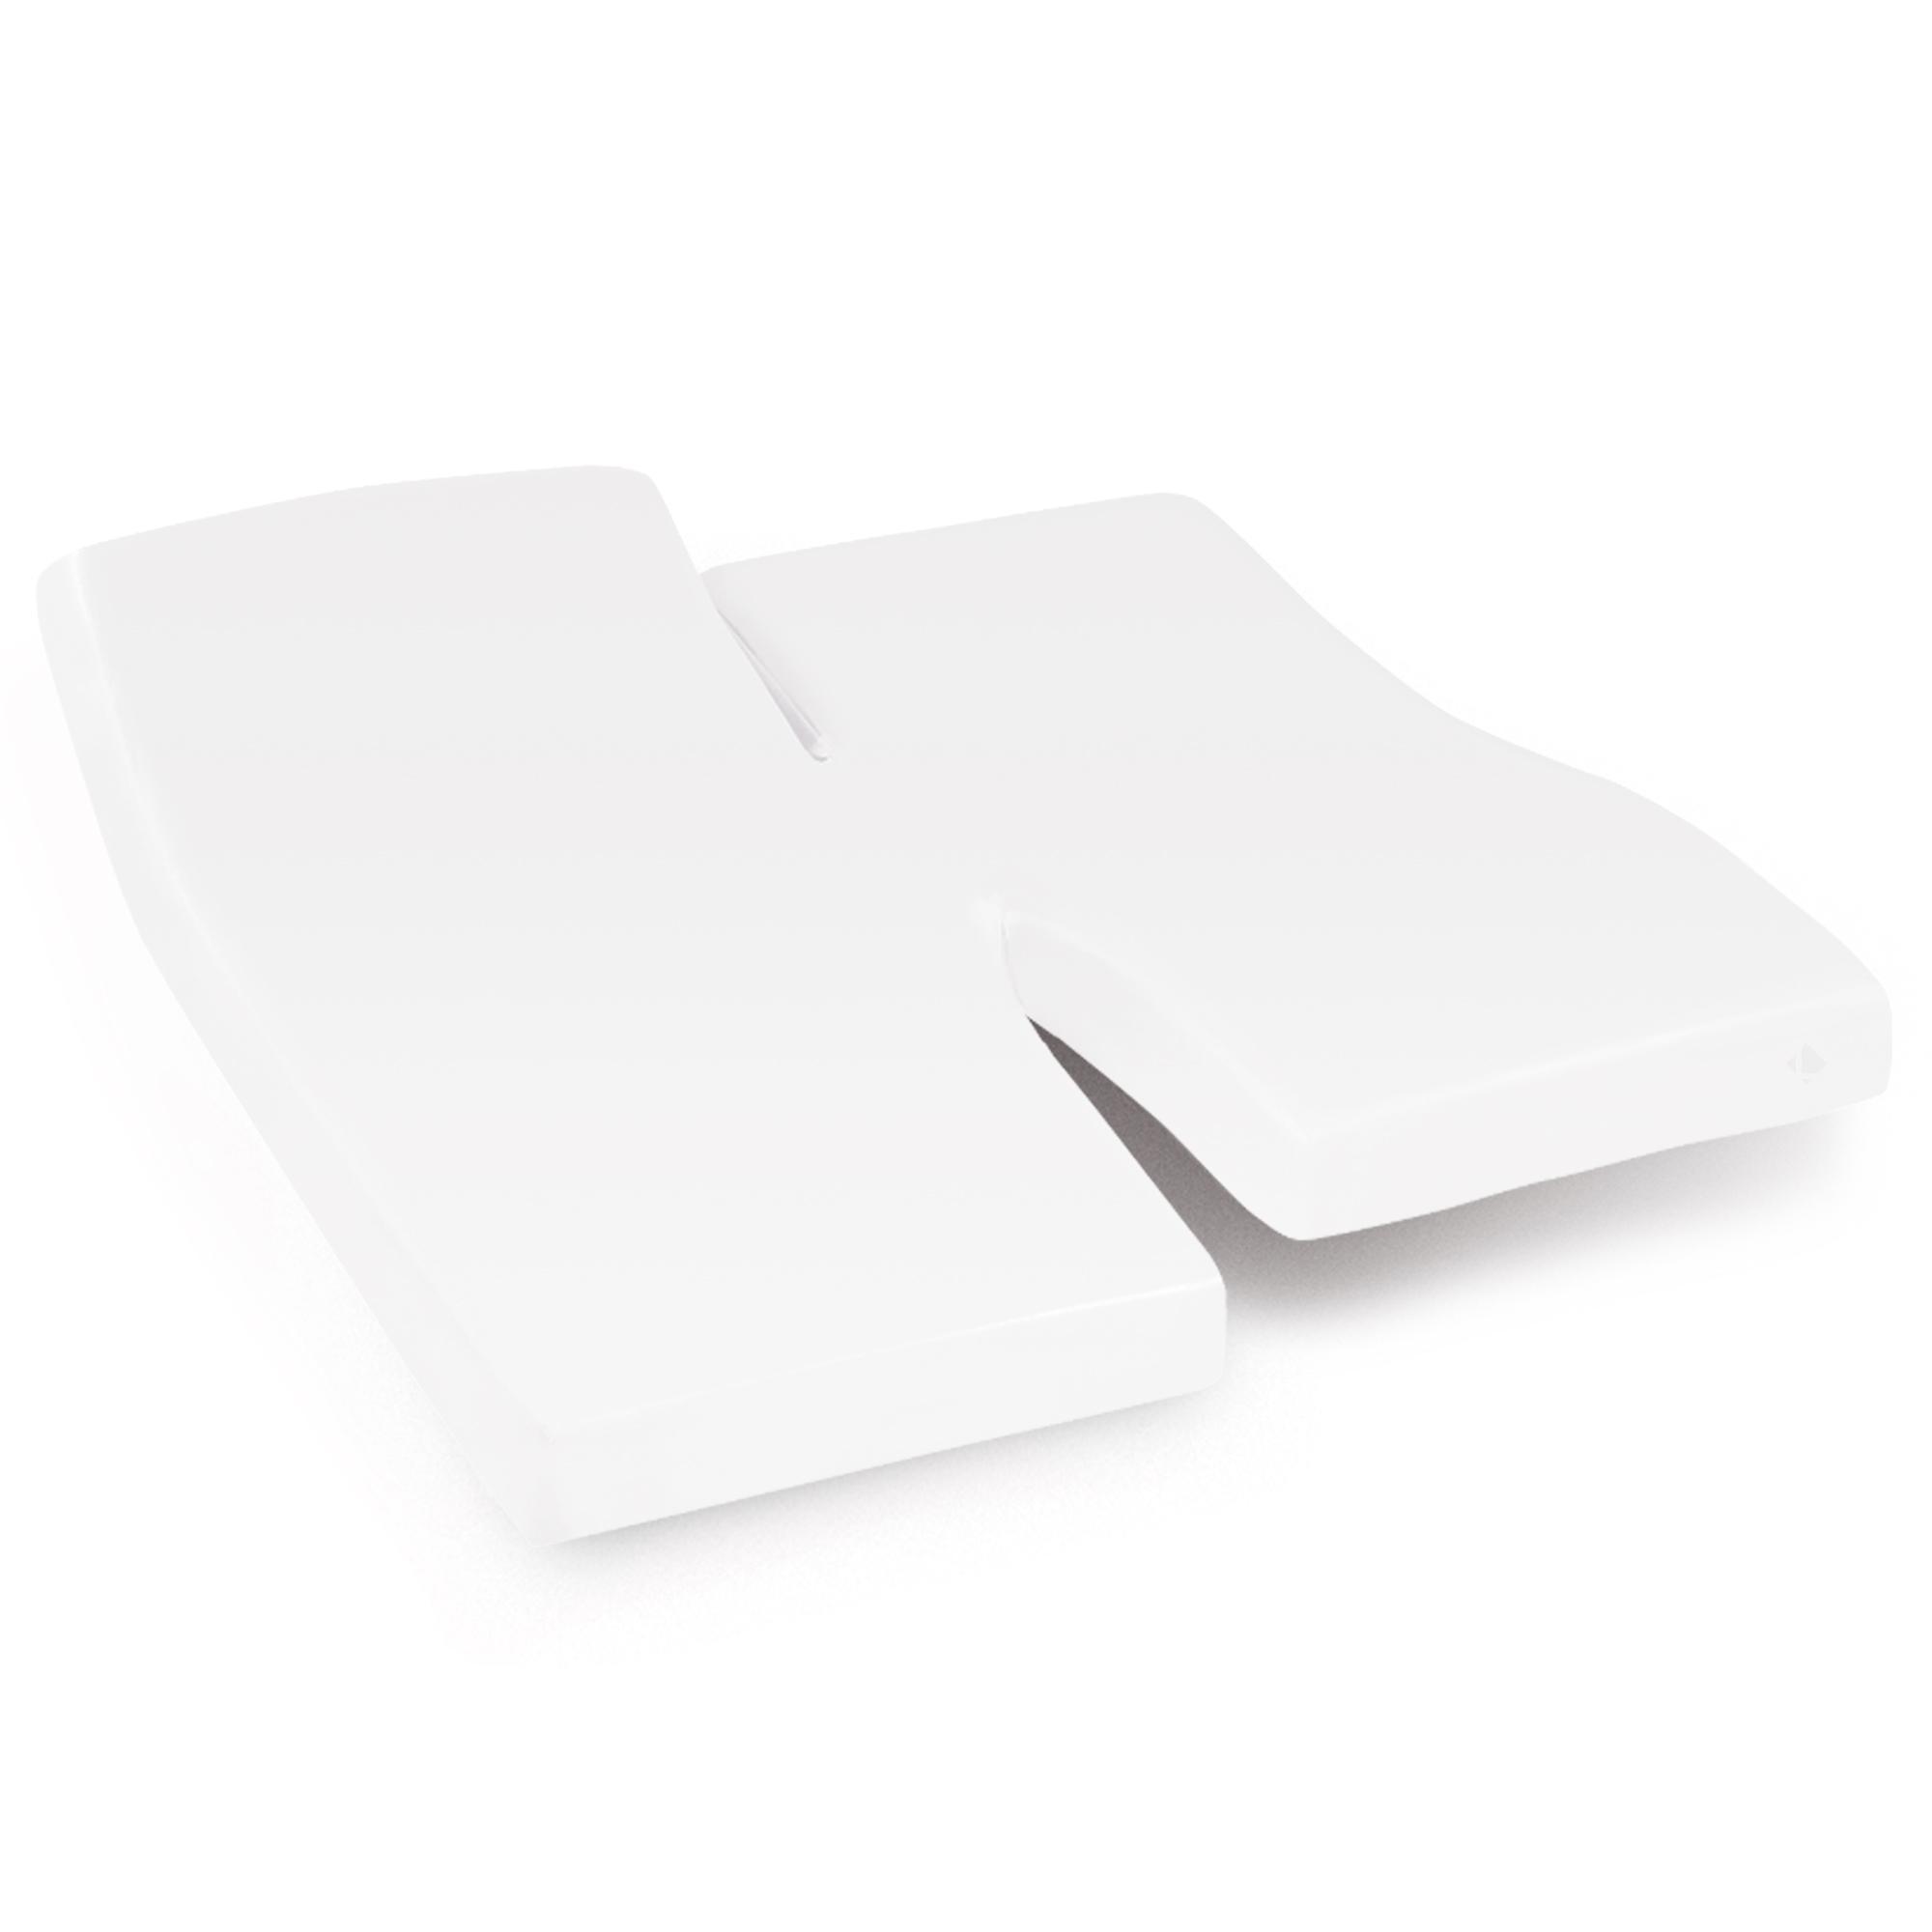 prot ge matelas imperm able 2x80x210 cm lit articul tpr bonnet 40cm arnon molleton 100 coton. Black Bedroom Furniture Sets. Home Design Ideas